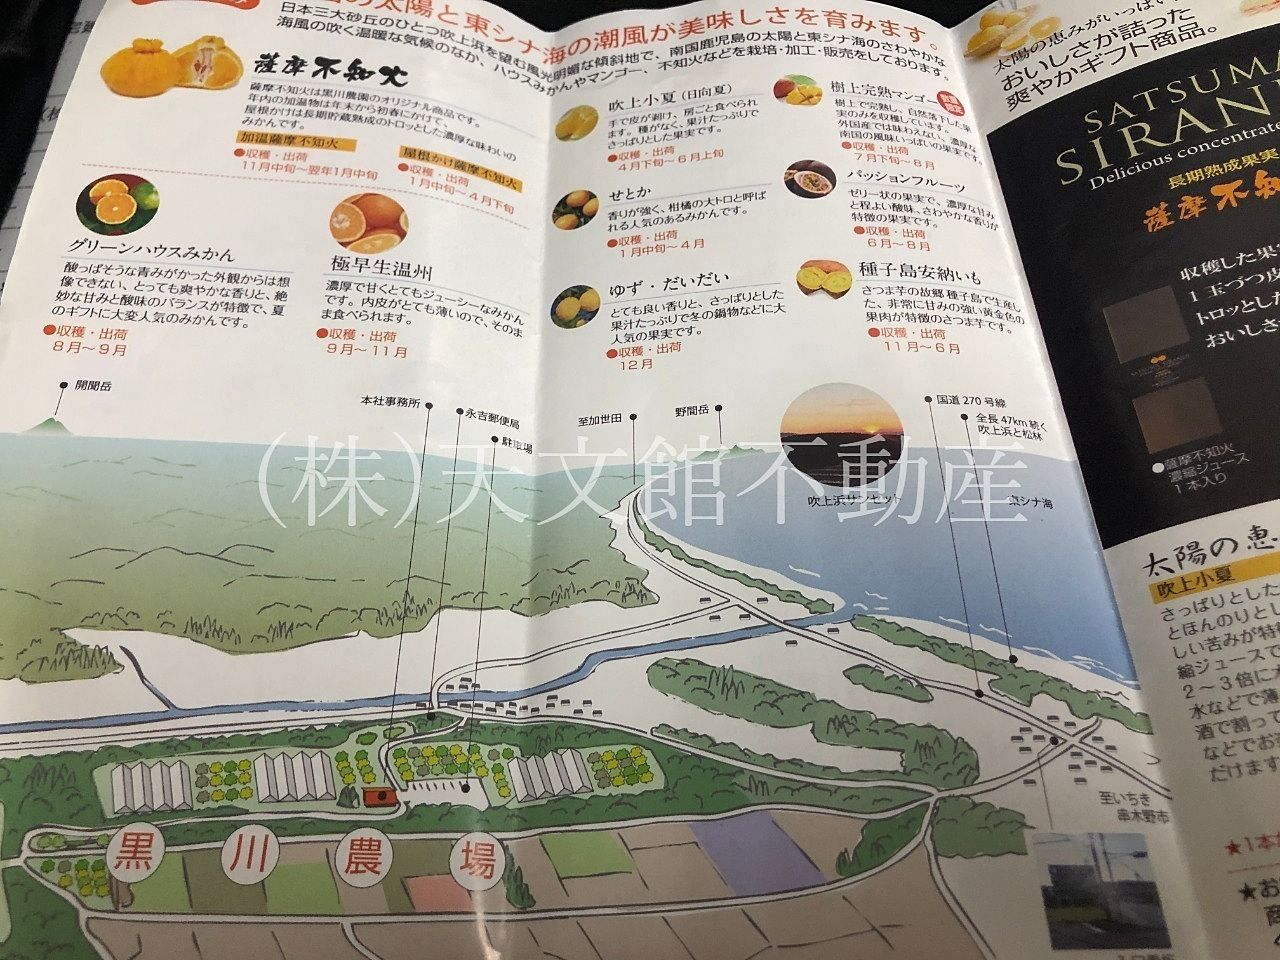 チェスト館 黒川農園 パンフレット2